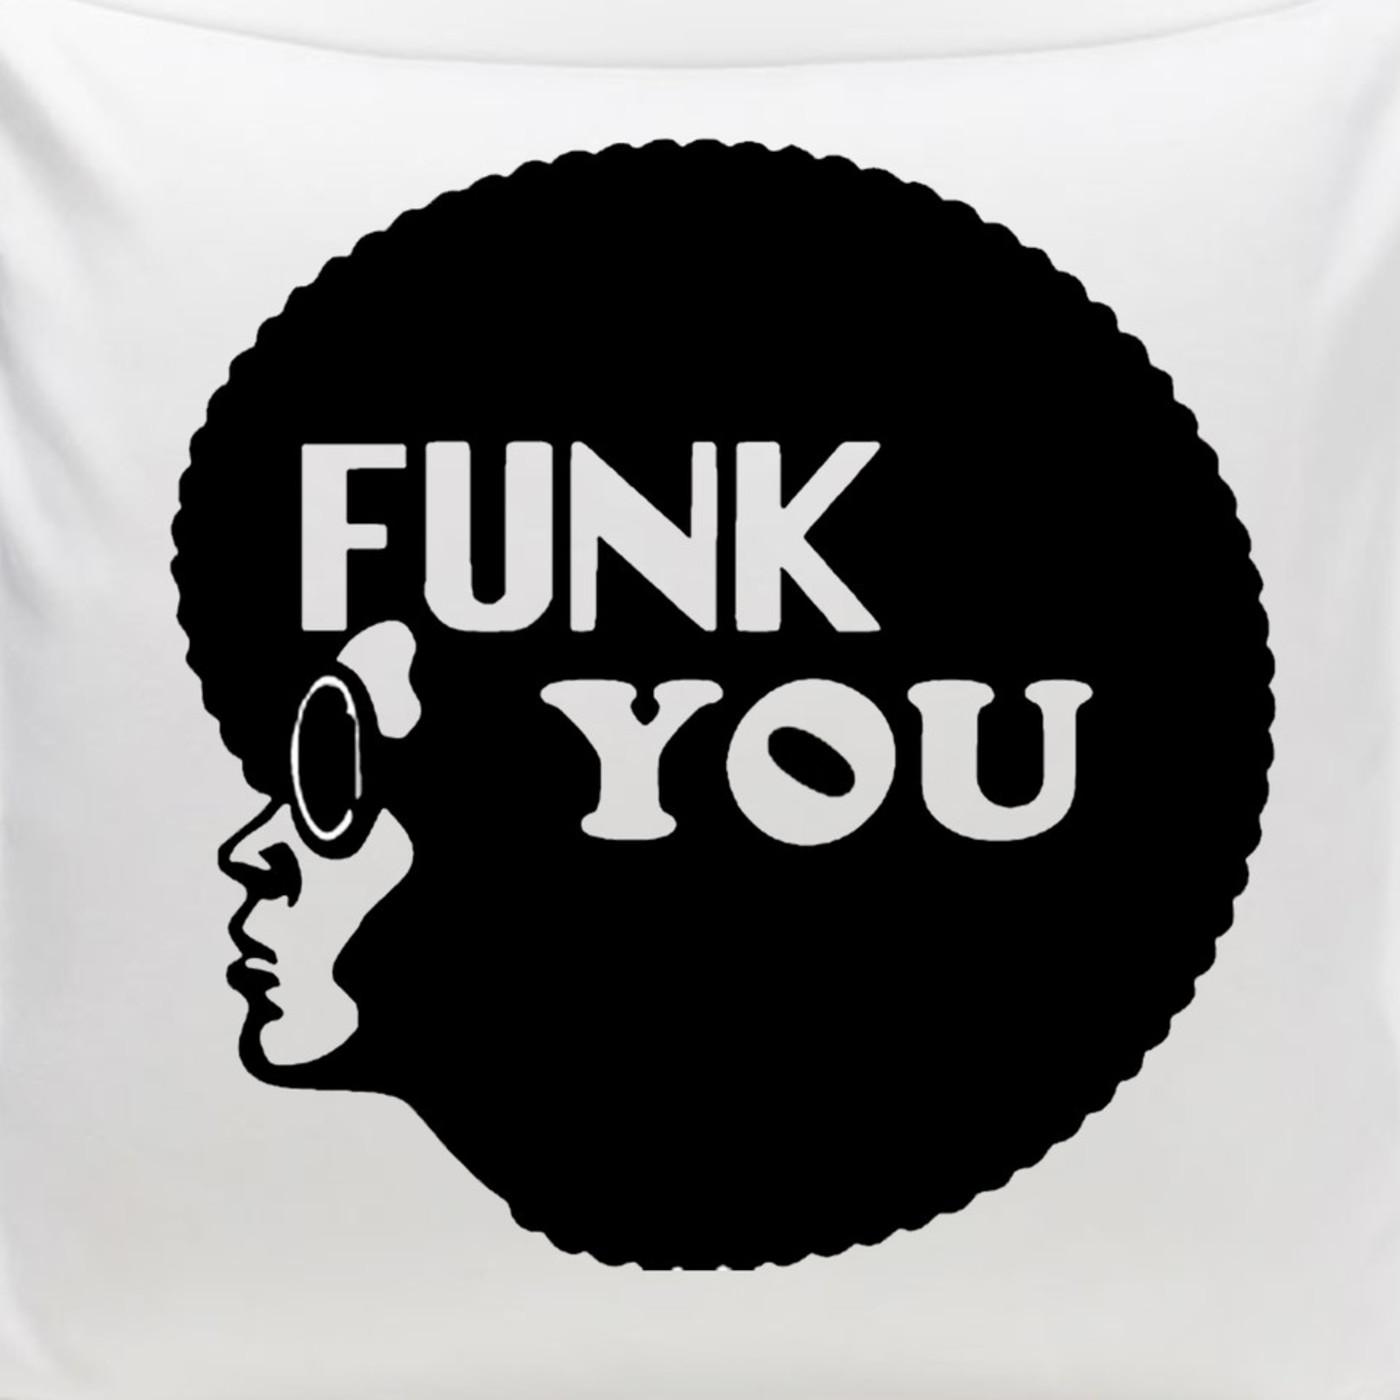 21st century funk torrent